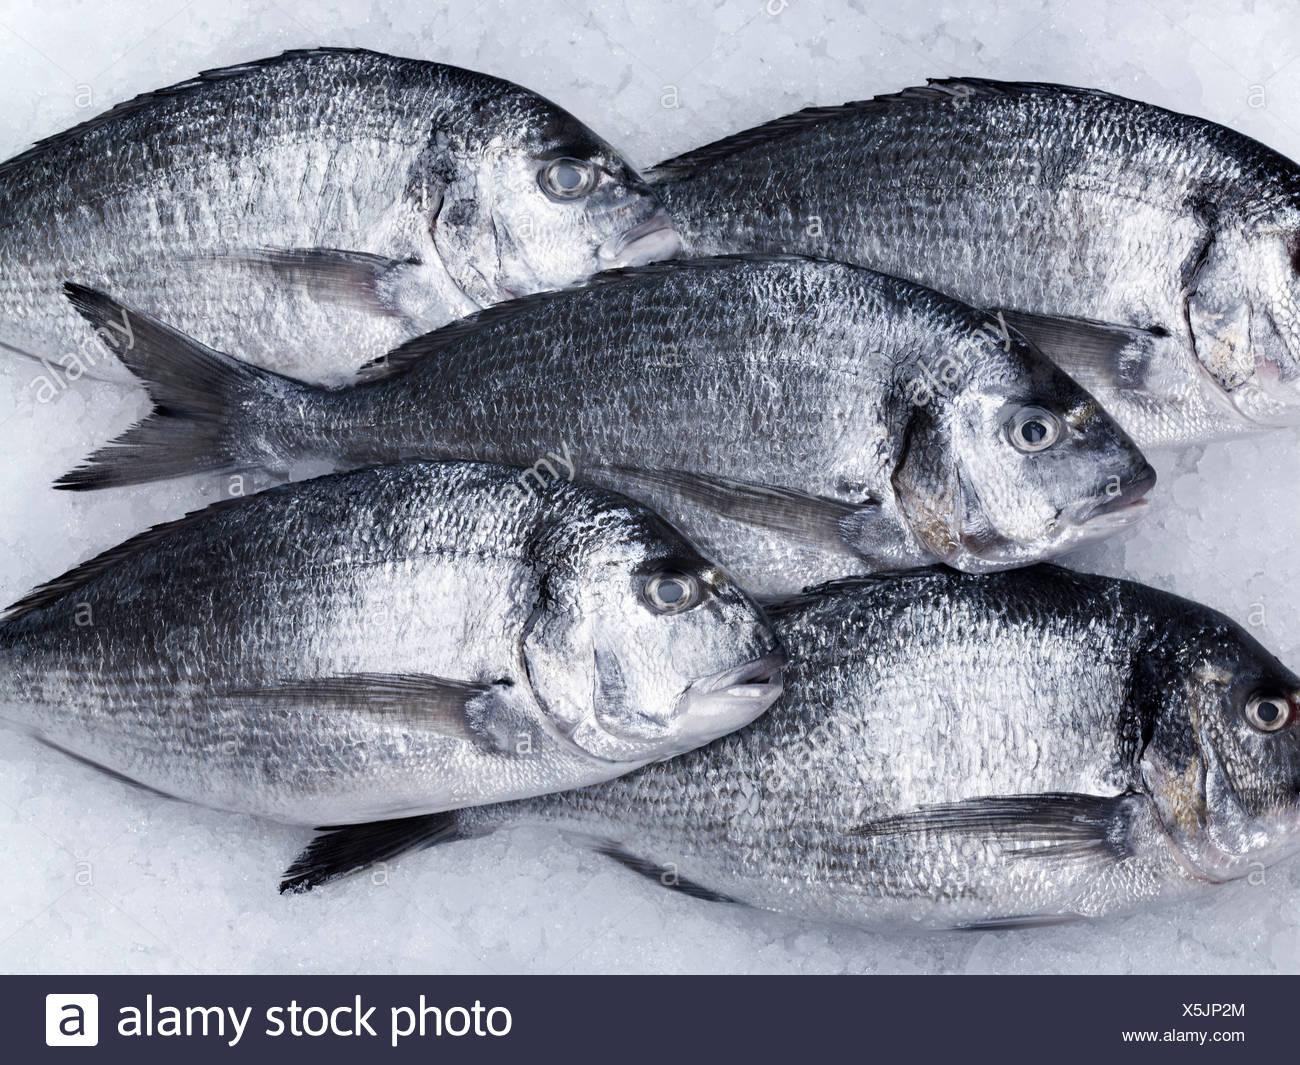 Tiere, Nahaufnahme, Farbbild, Kühlung, tot Fisch, Fisch, Fisch auf Eis, fünf Tiere, fünf Objekte, Bildung, frisches, gesundes Essen, qualitativ Stockbild